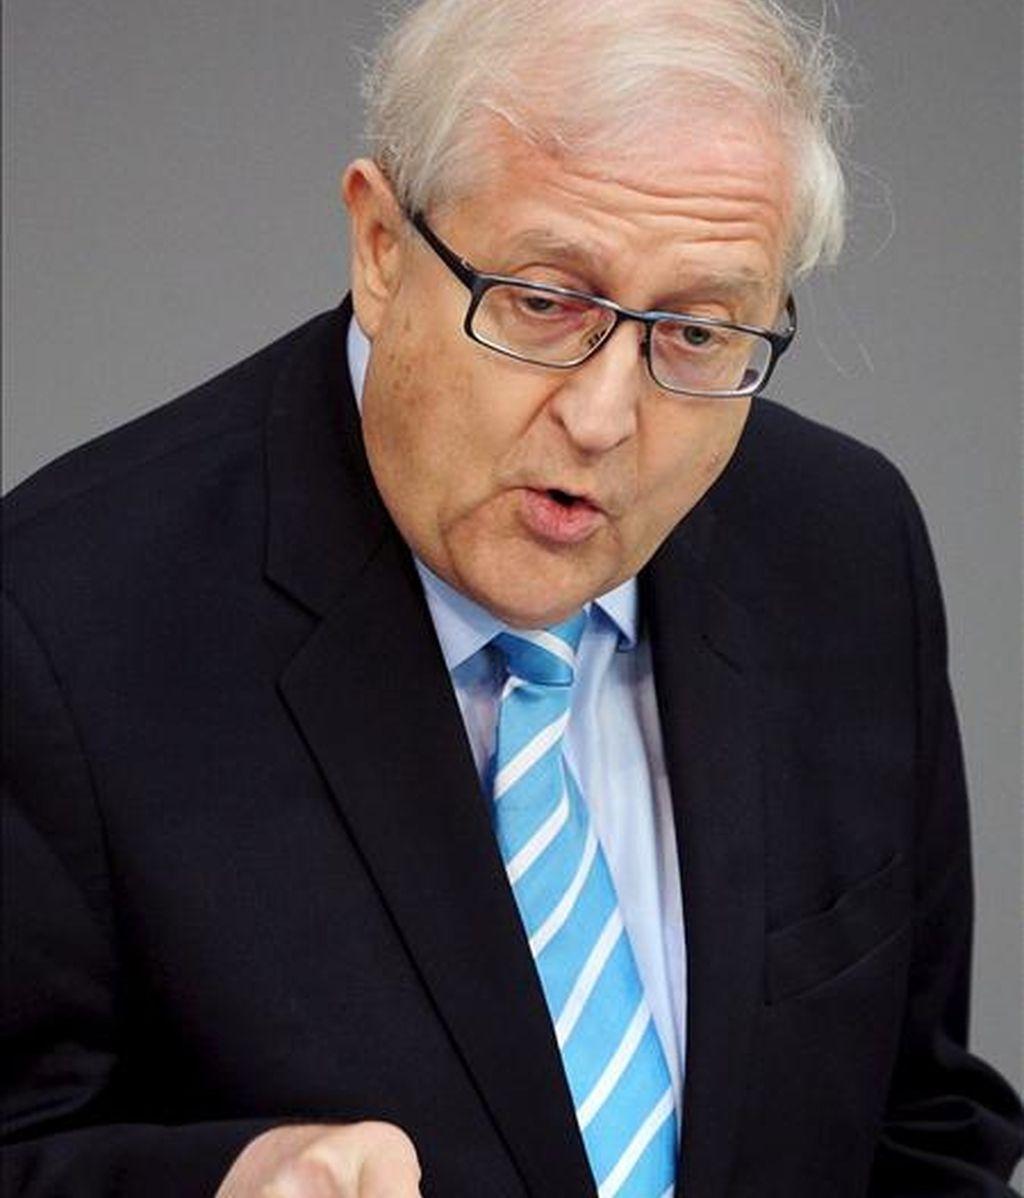 El ministro alemán de Economía, Rainer Brüderle. EFE/Archivo